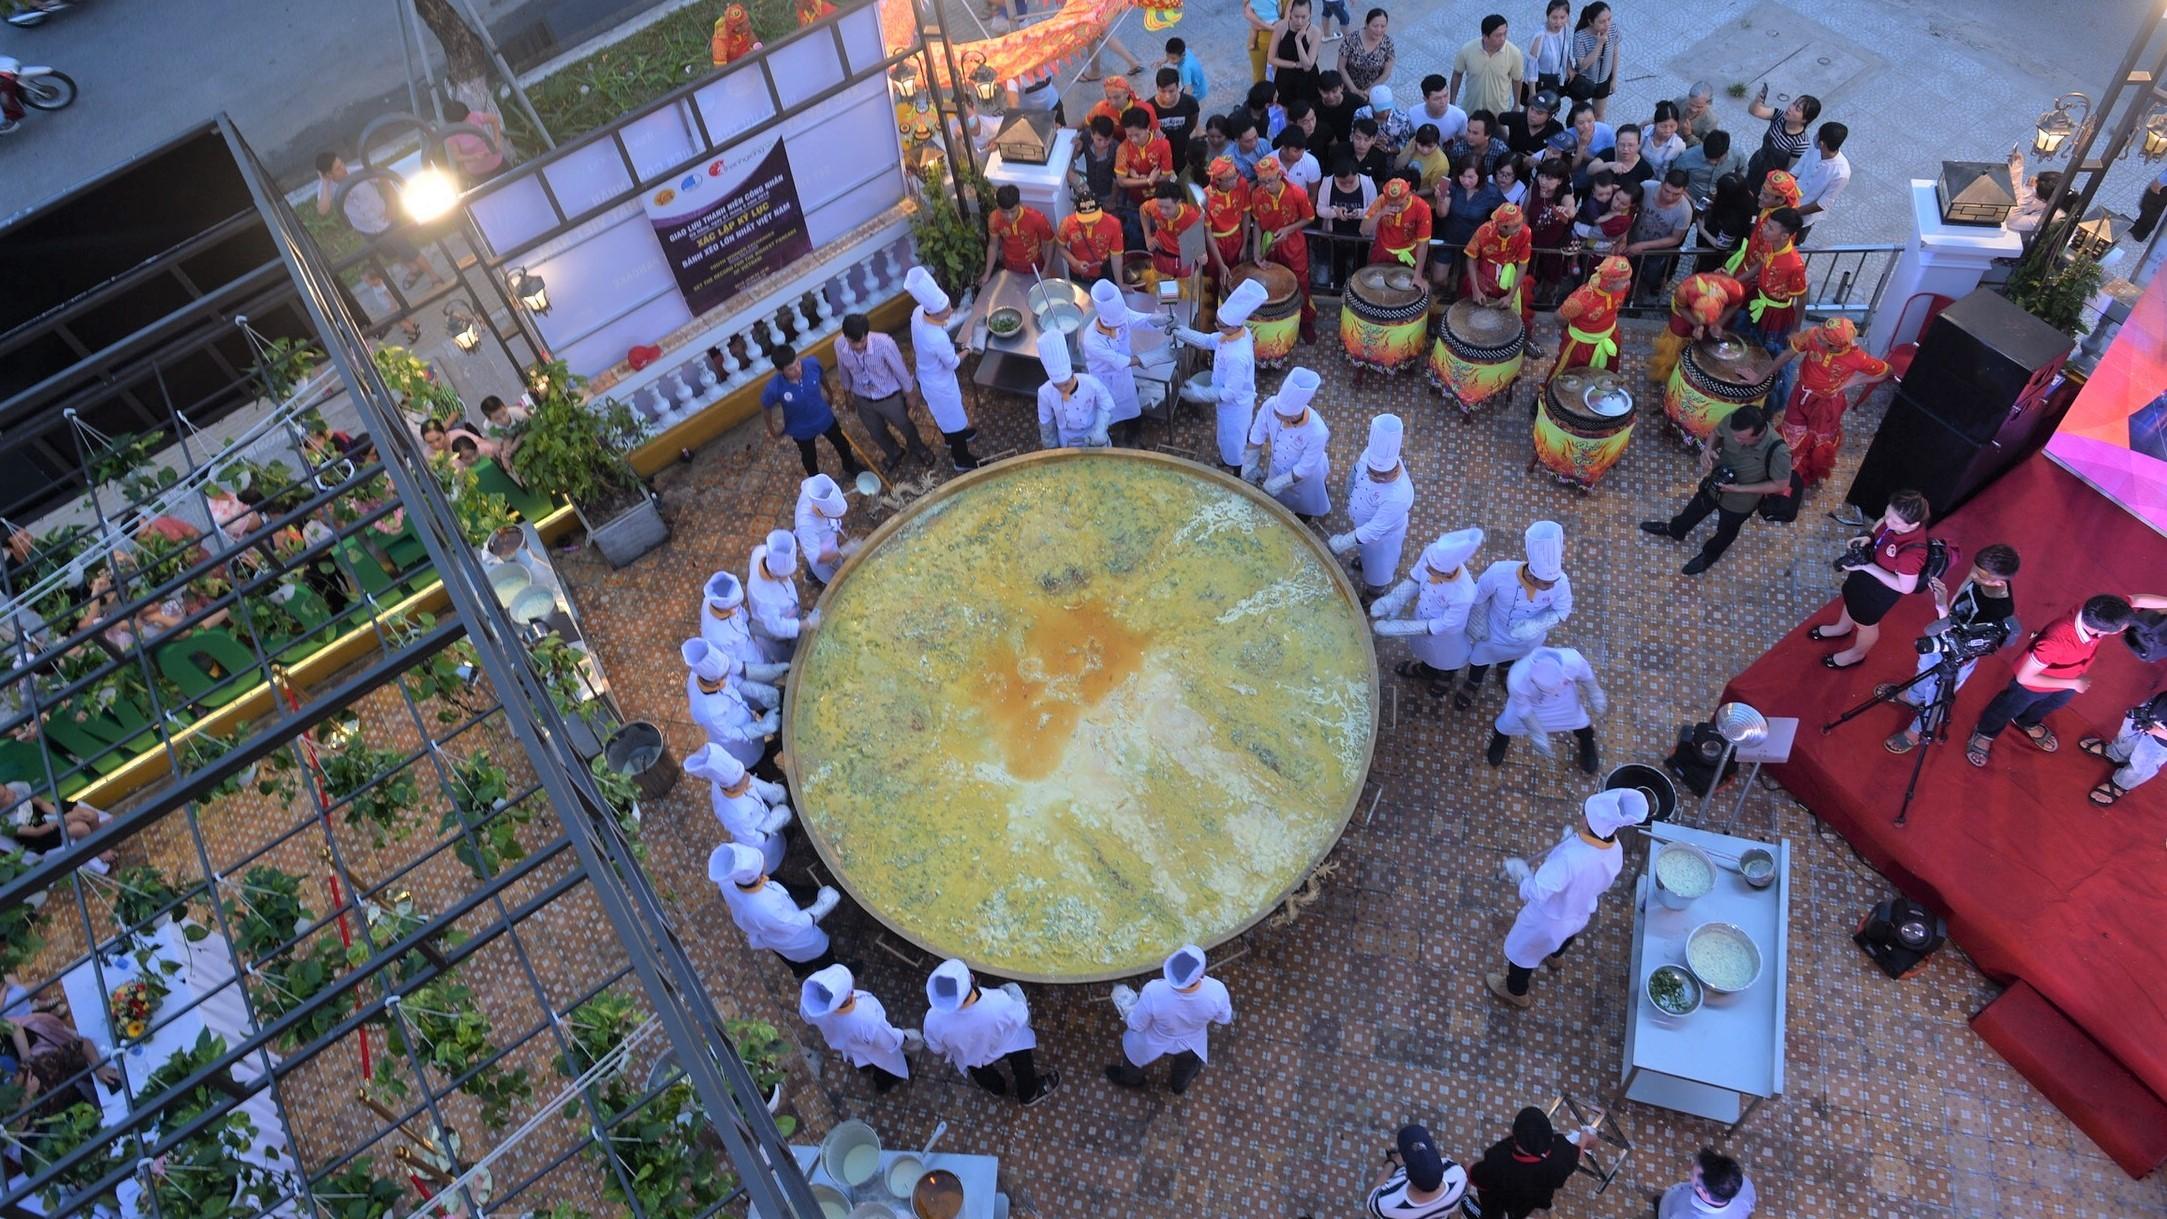 bánh xèo,kỷ lục Việt Nam